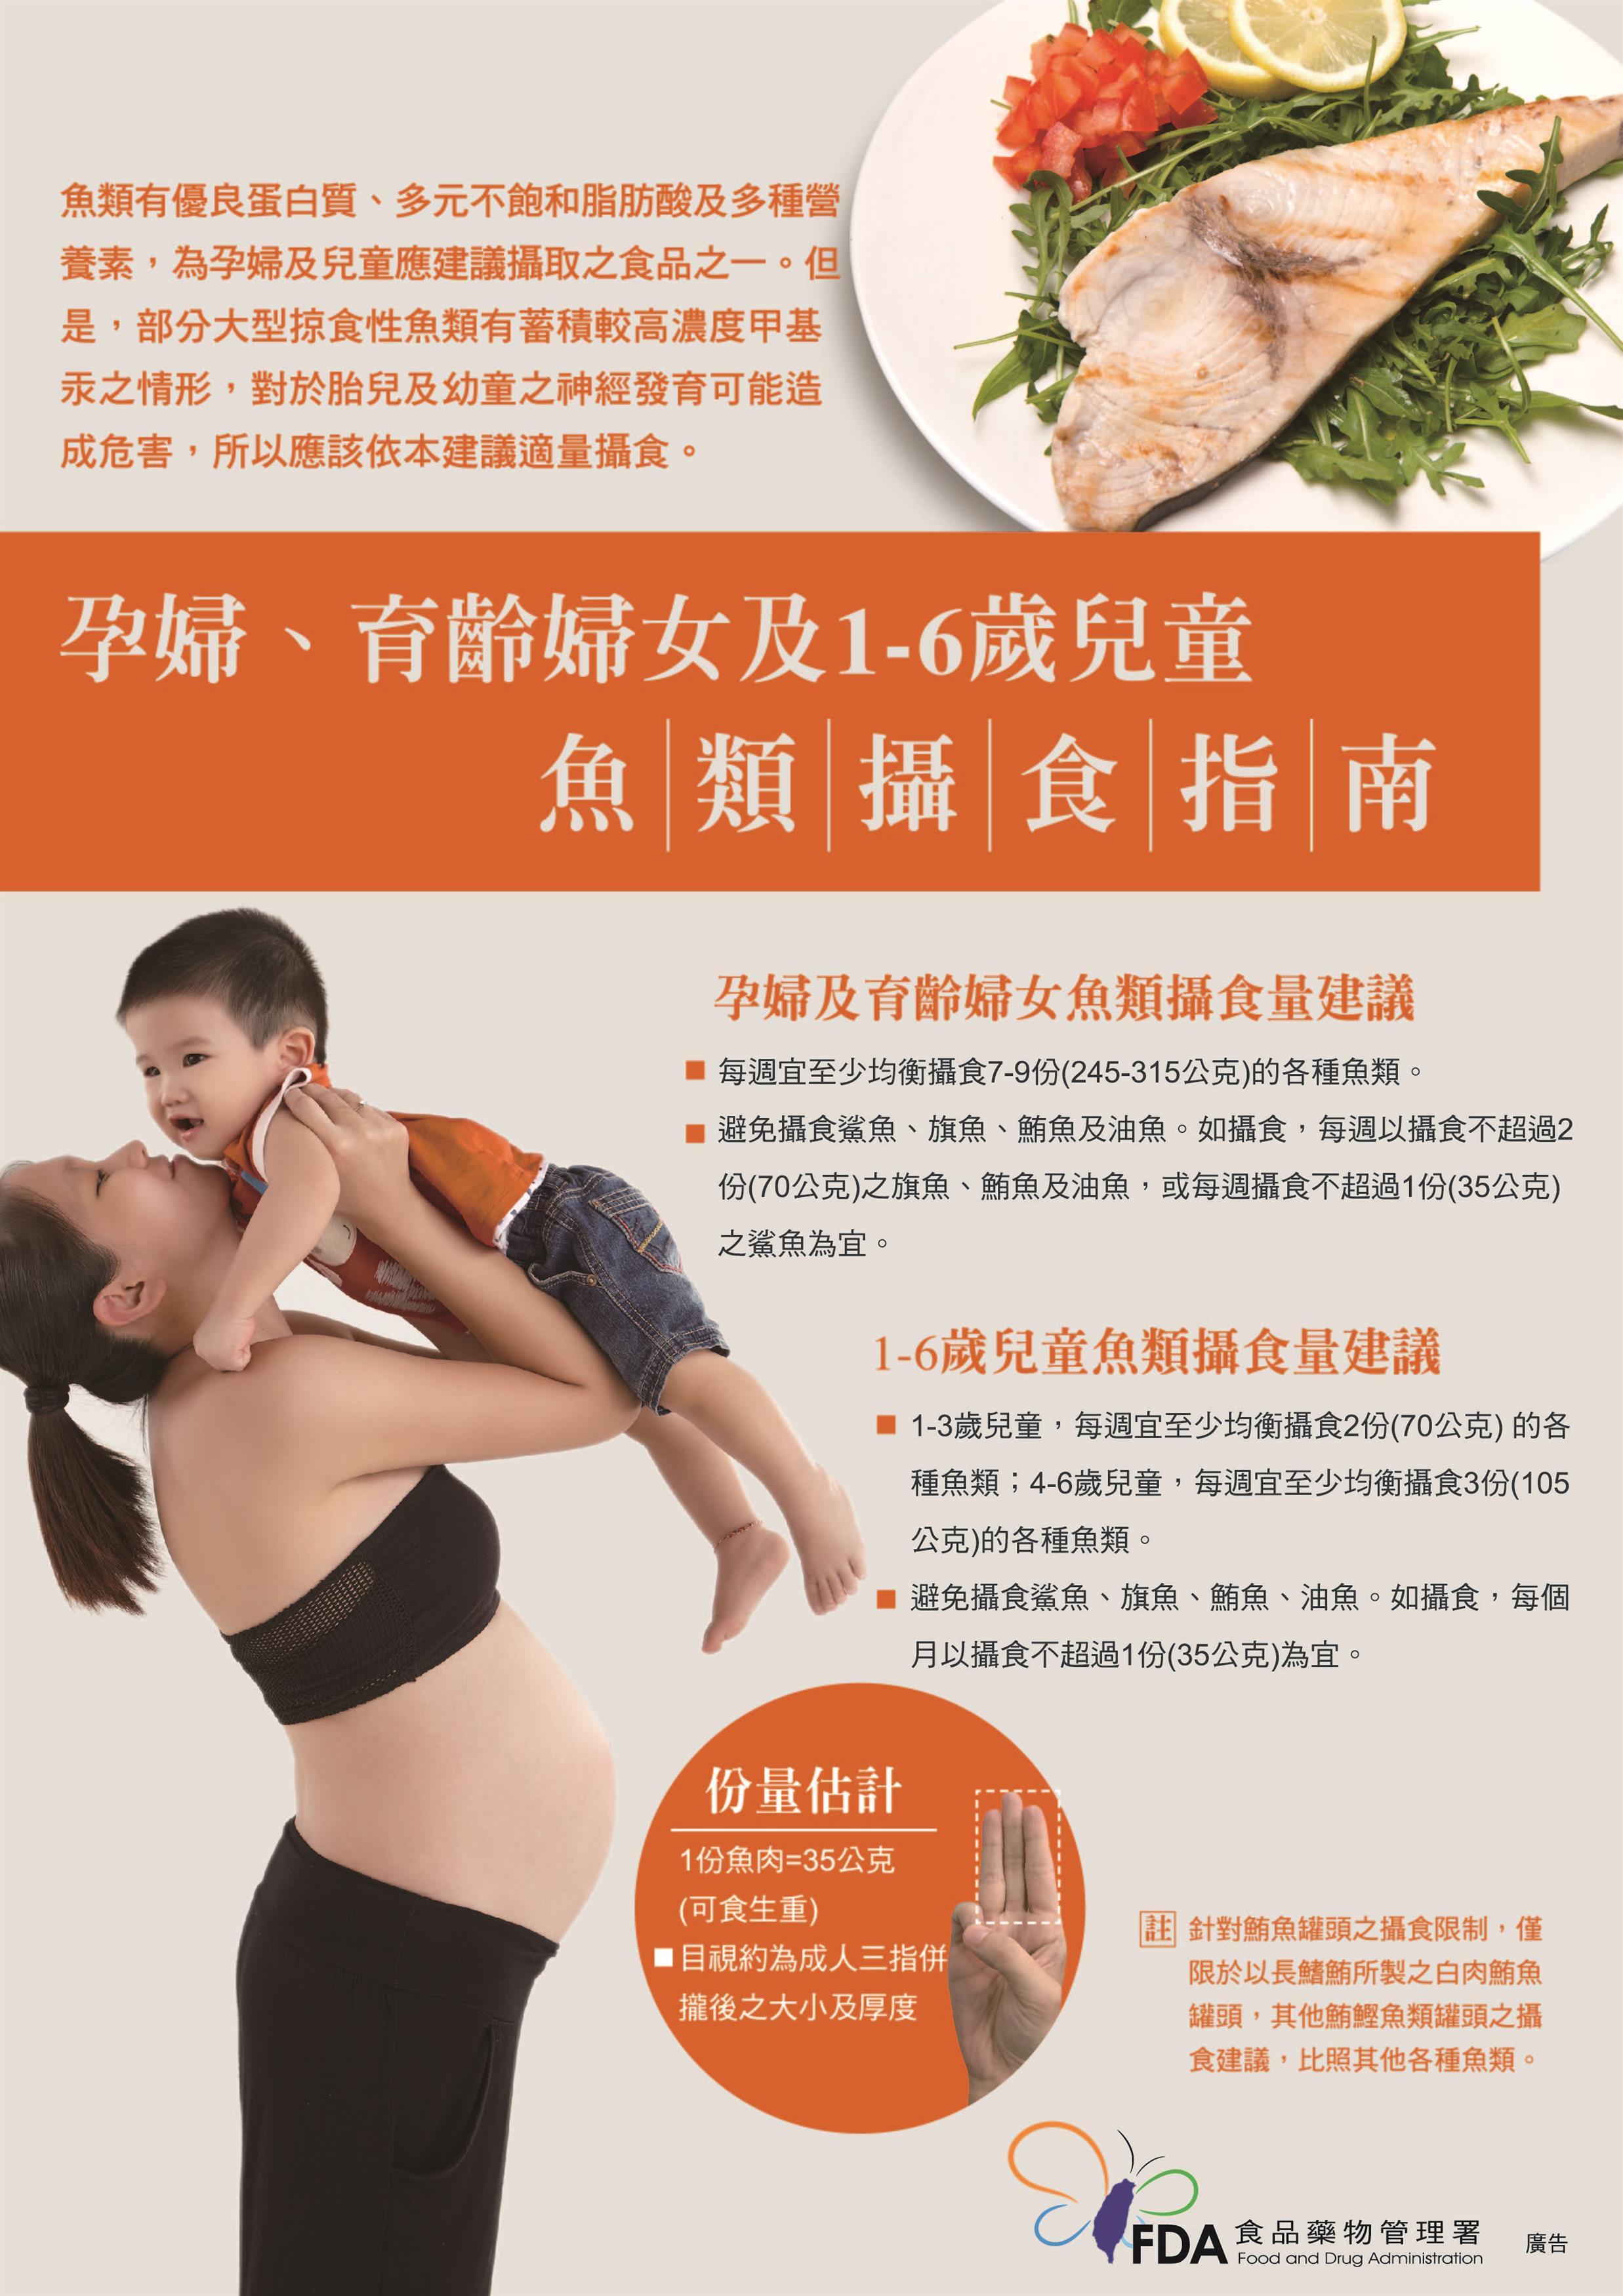 孕婦、育齡婦女及1-6歲兒童 魚類攝食指南